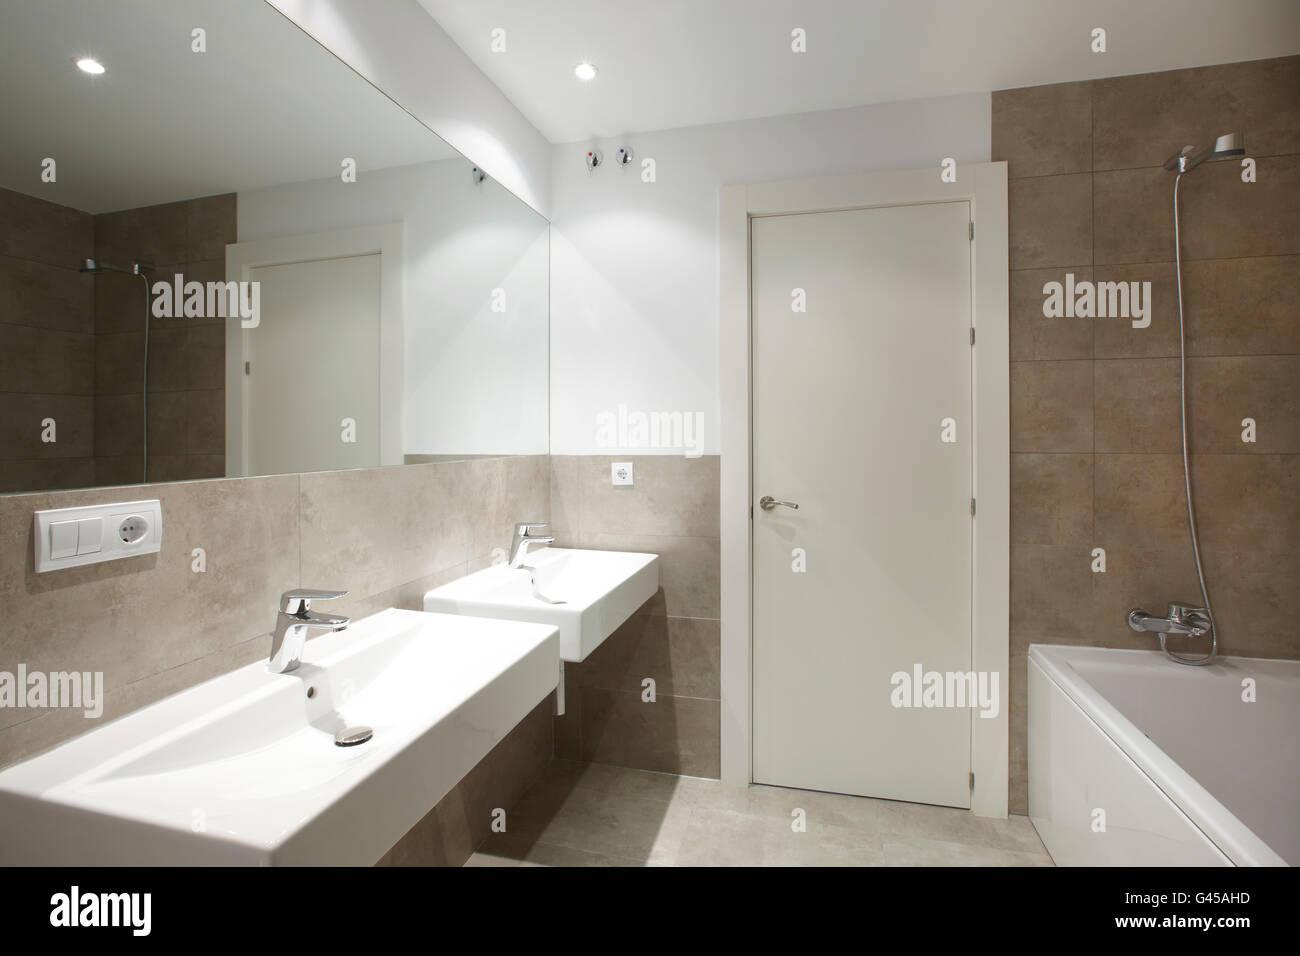 Badezimmer Einrichtung mit braunem Marmor Wände. Querformat ...